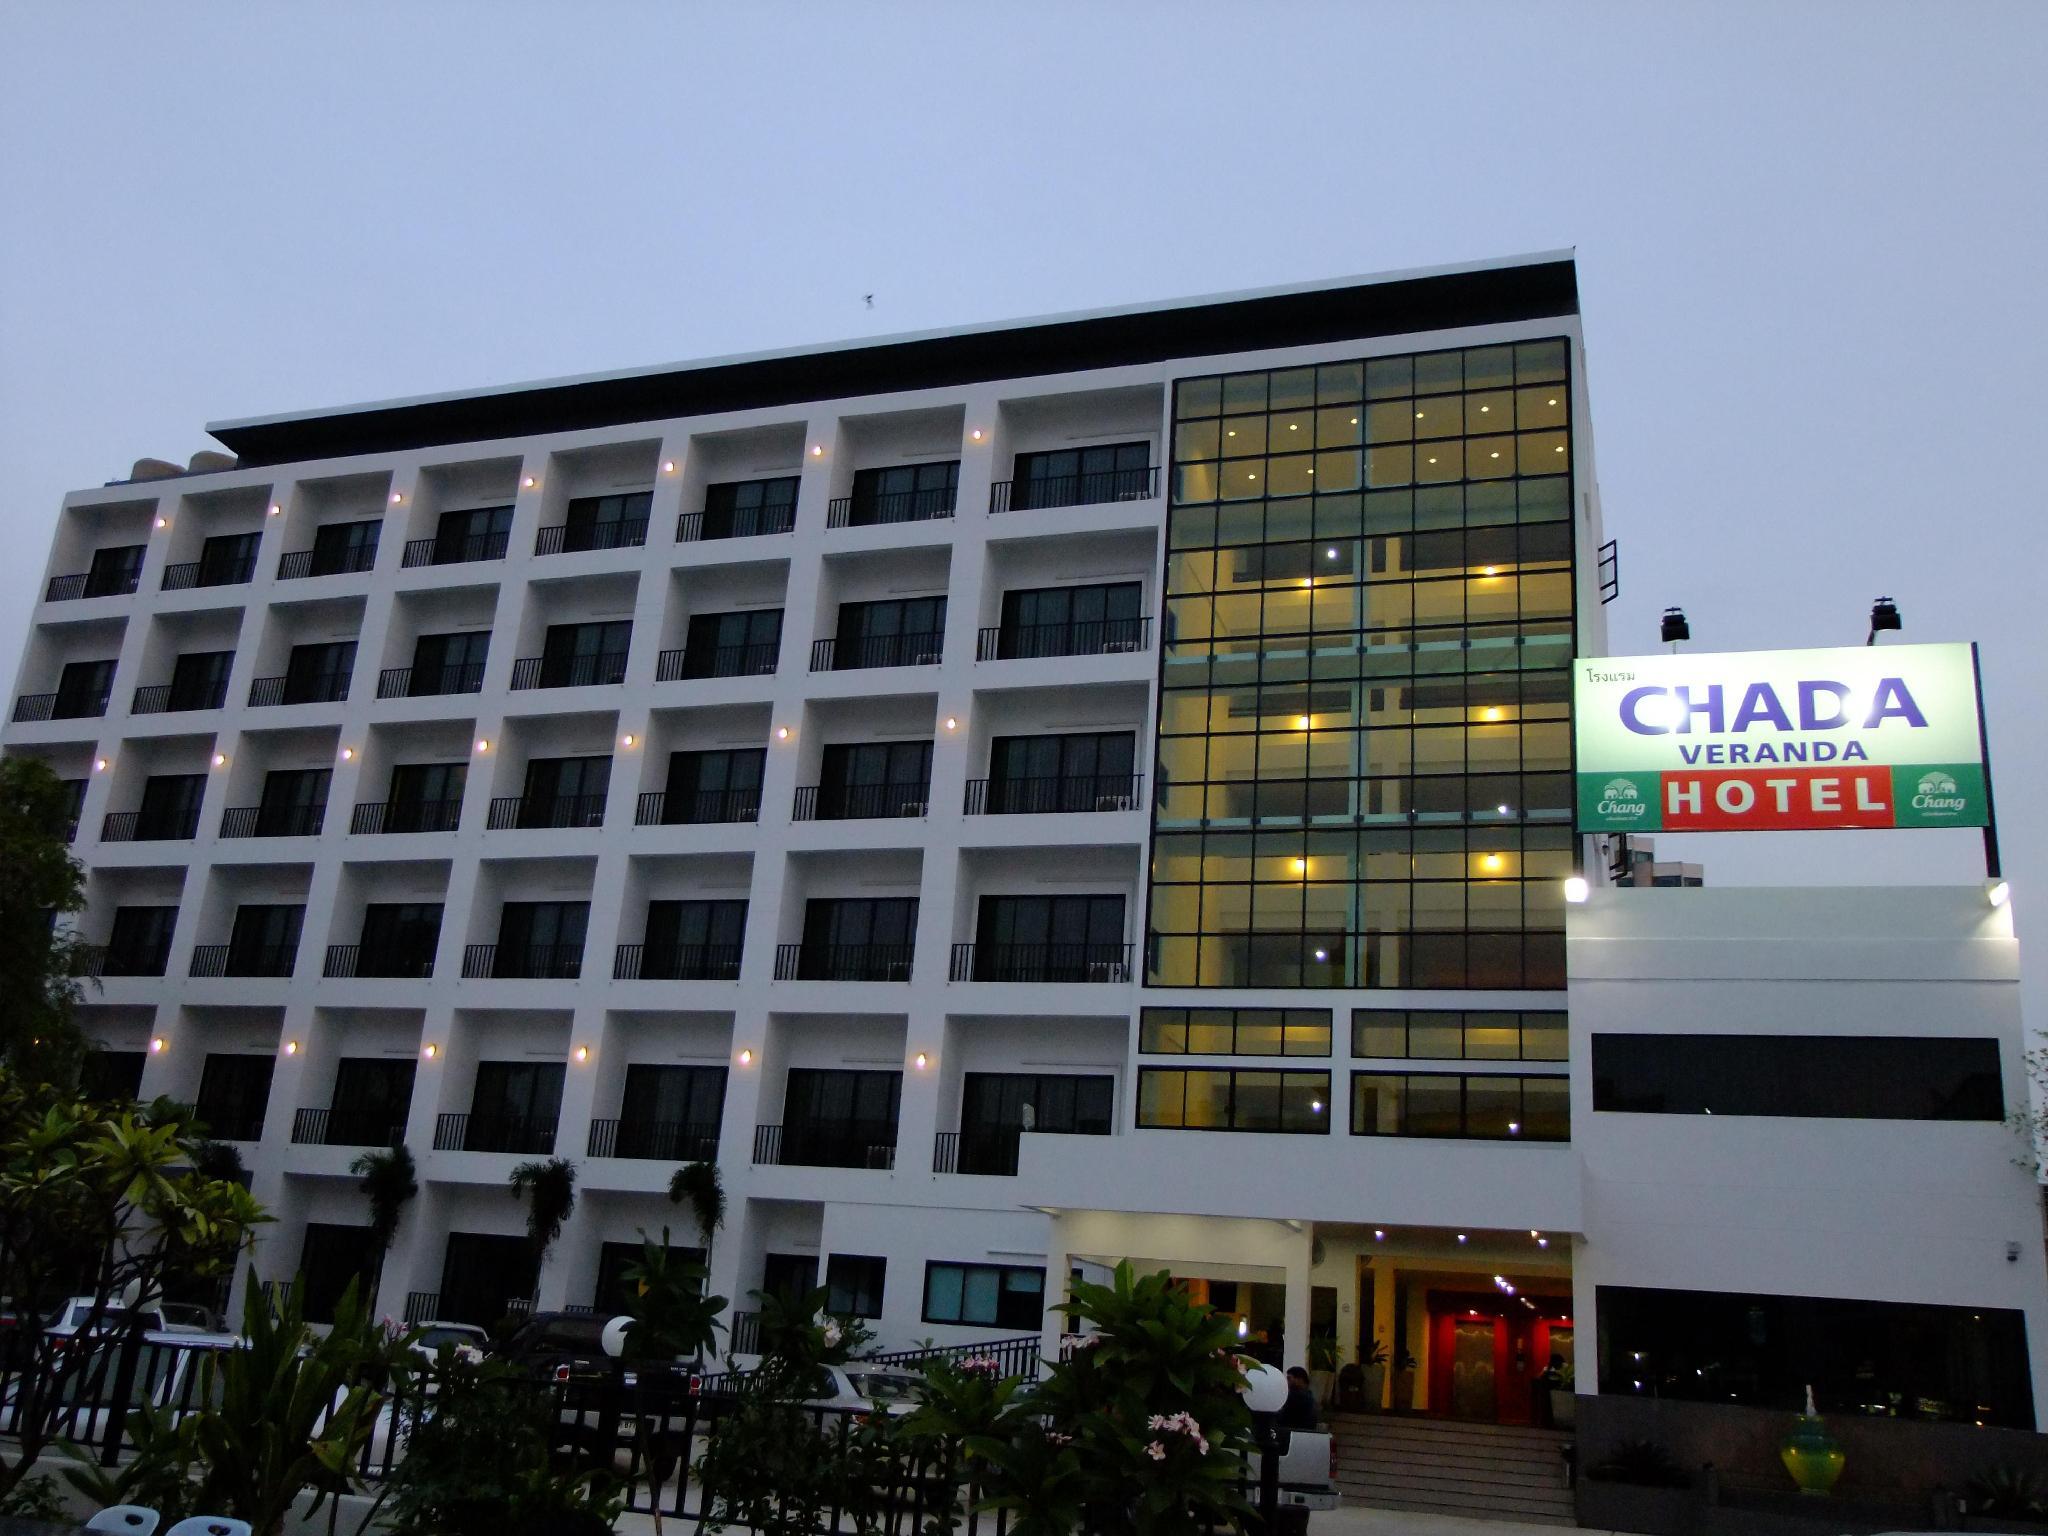 โรงแรมชาดา เวอแรนด้า